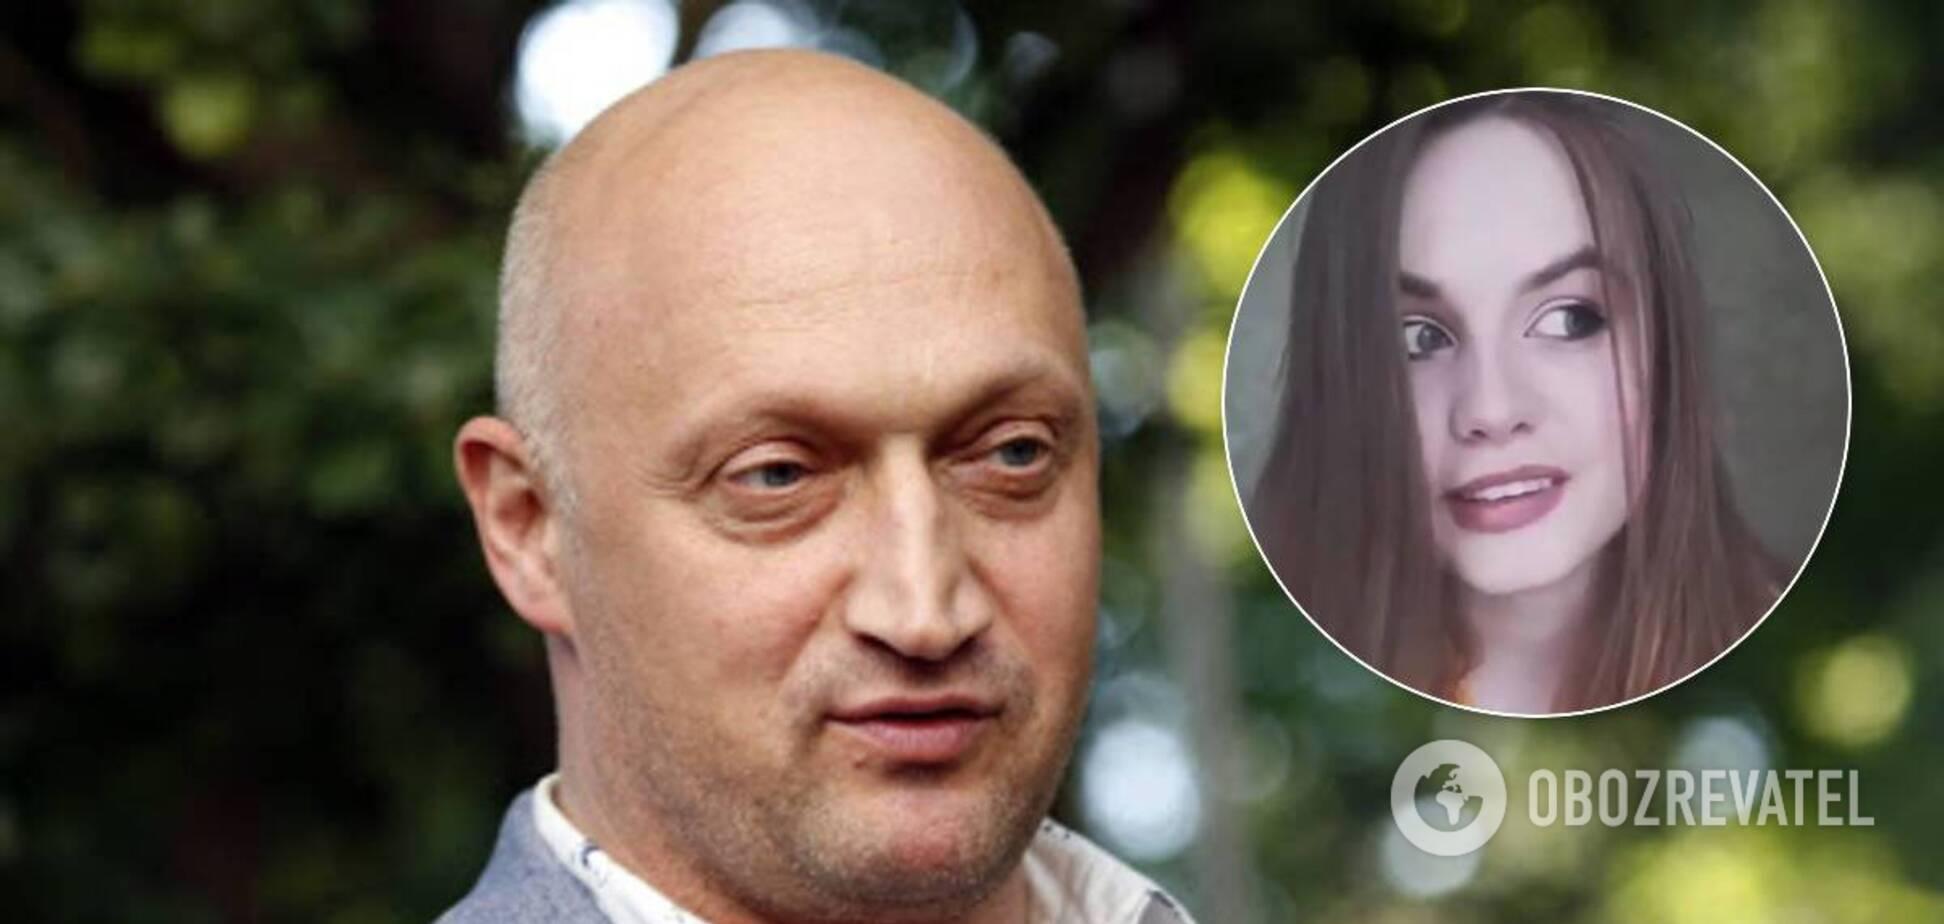 Блогерша обвинила женатого Куценко в домогательствах: опубликовано видео